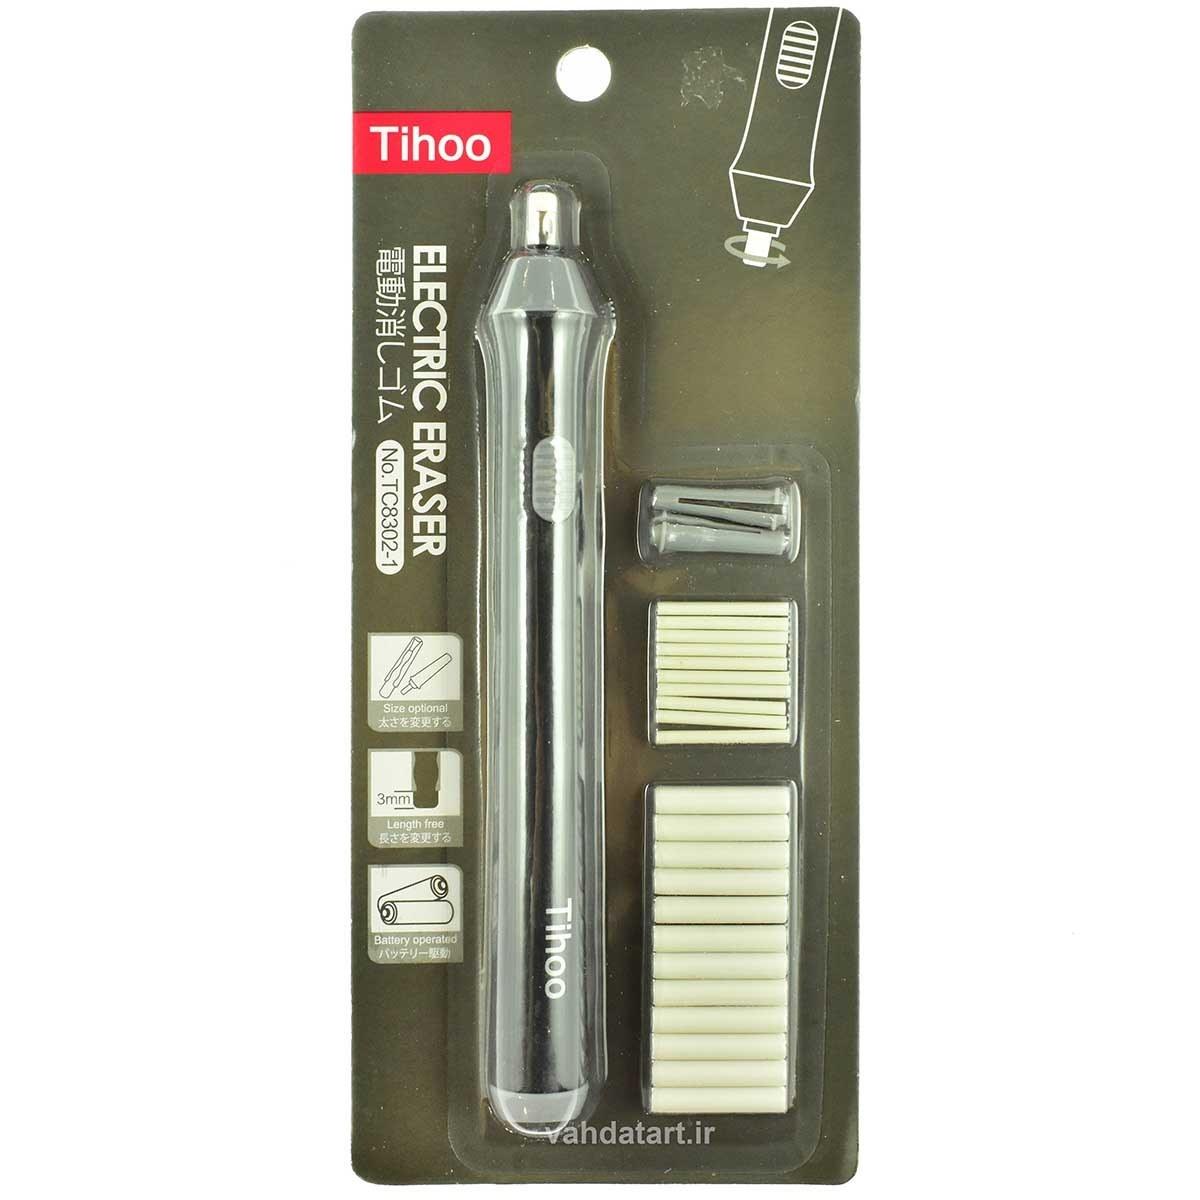 پاکن الکتریکی مدل Tihoo